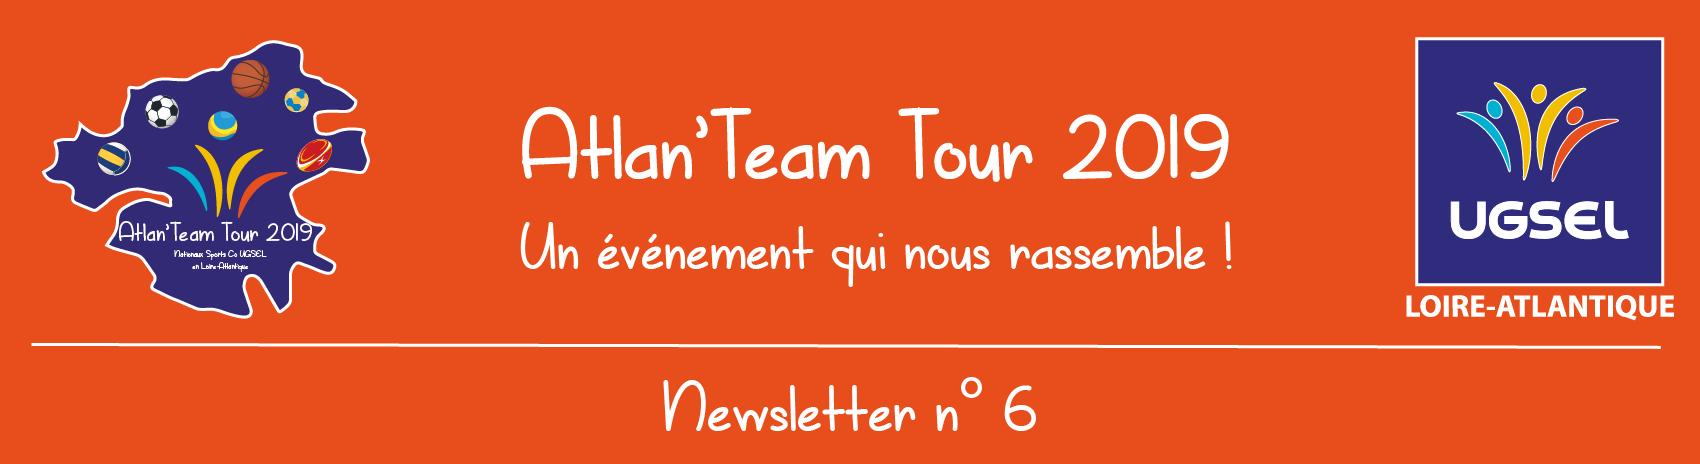 Bannière news 6 ATT19 (1)